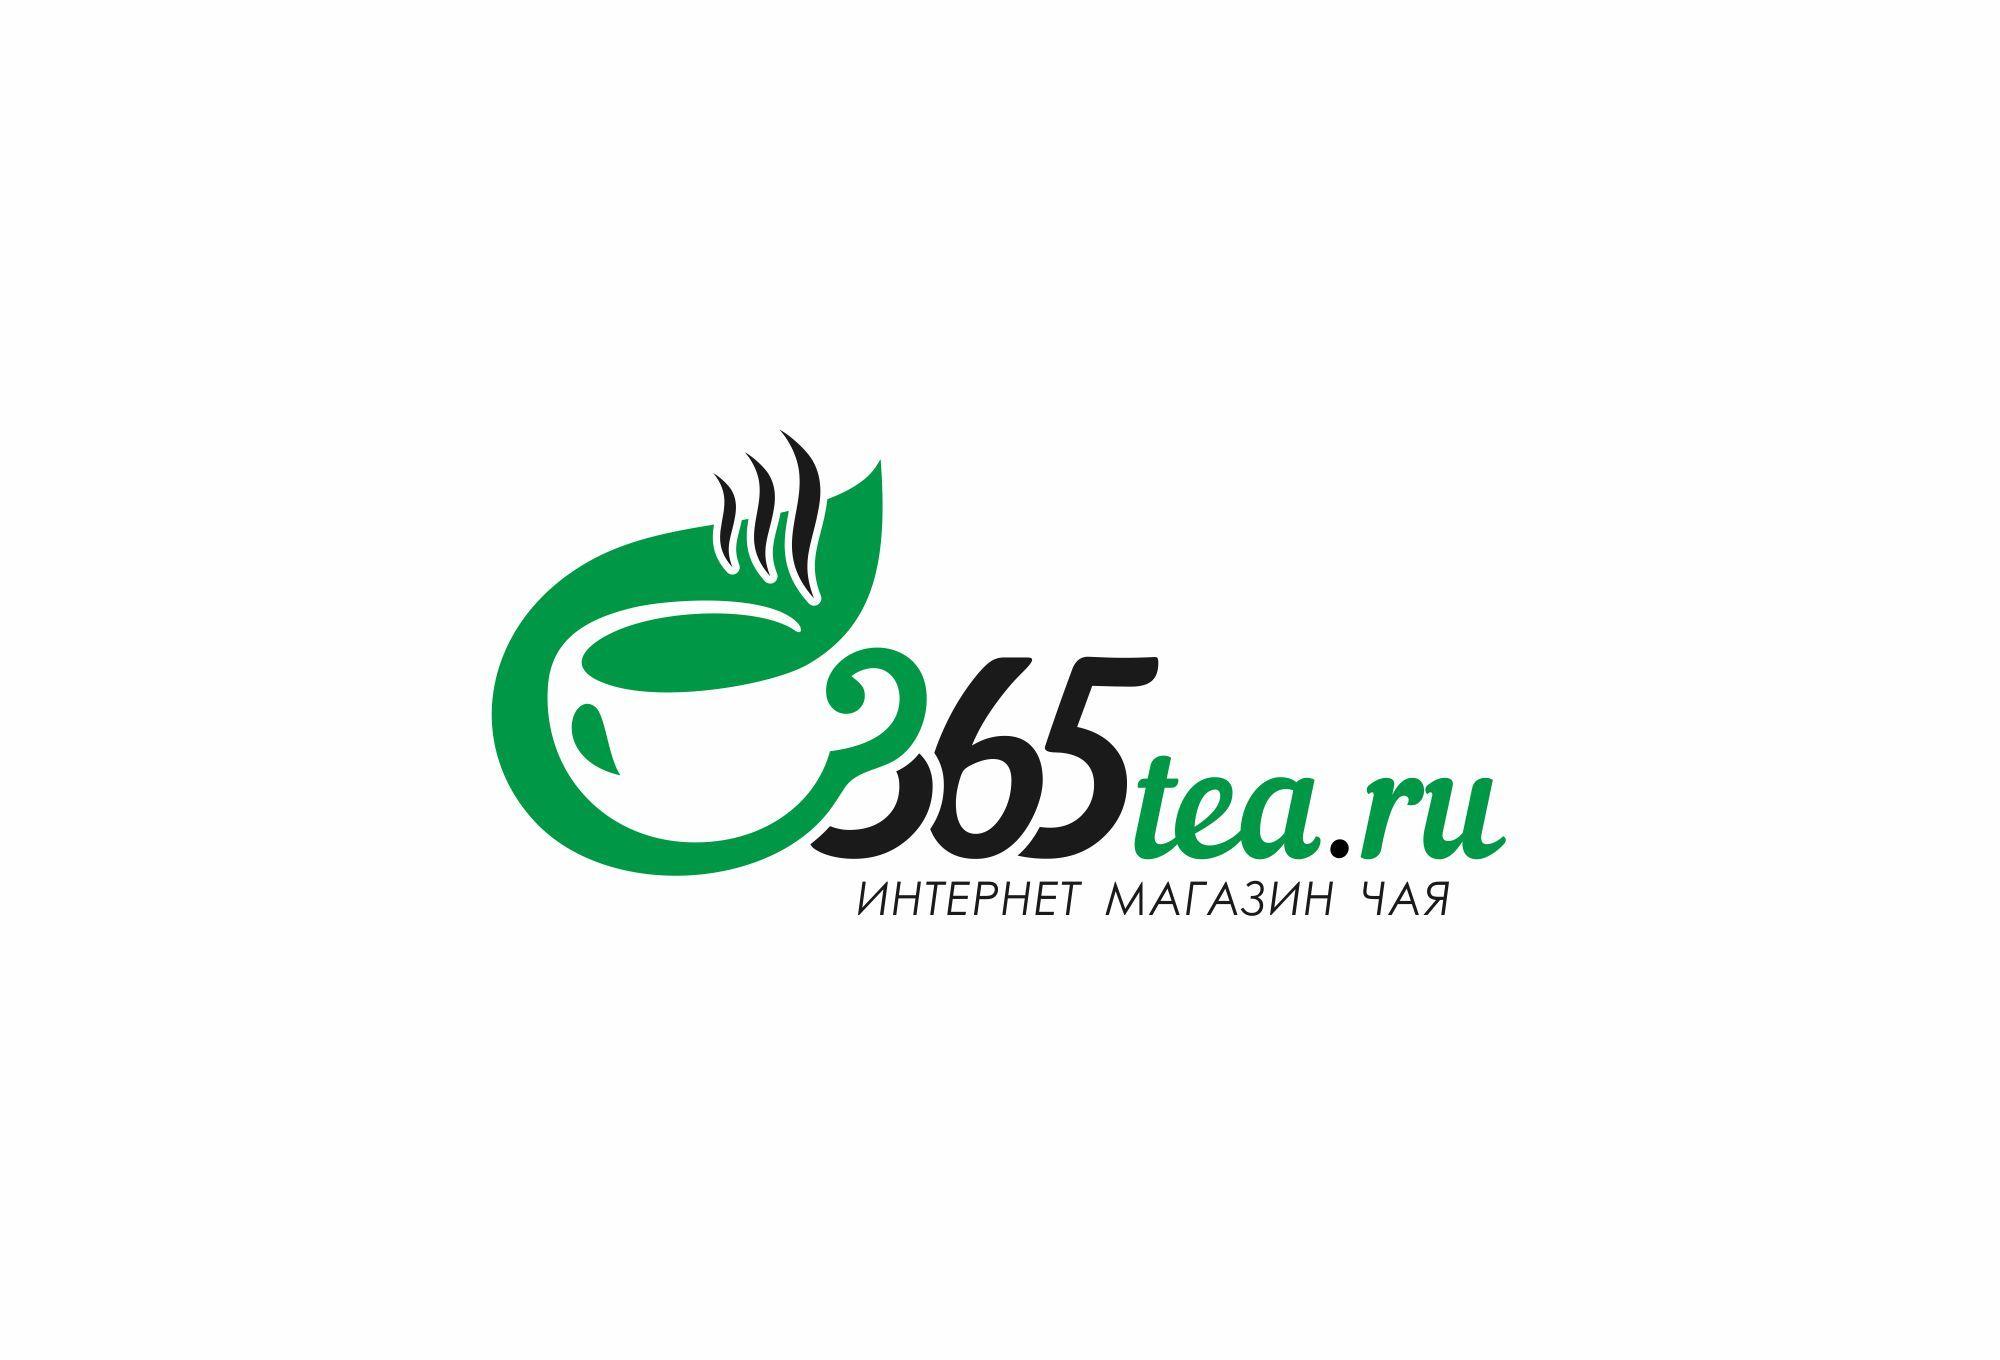 Логотип для 365tea.ru или 365TEA.RU - дизайнер Aspirin